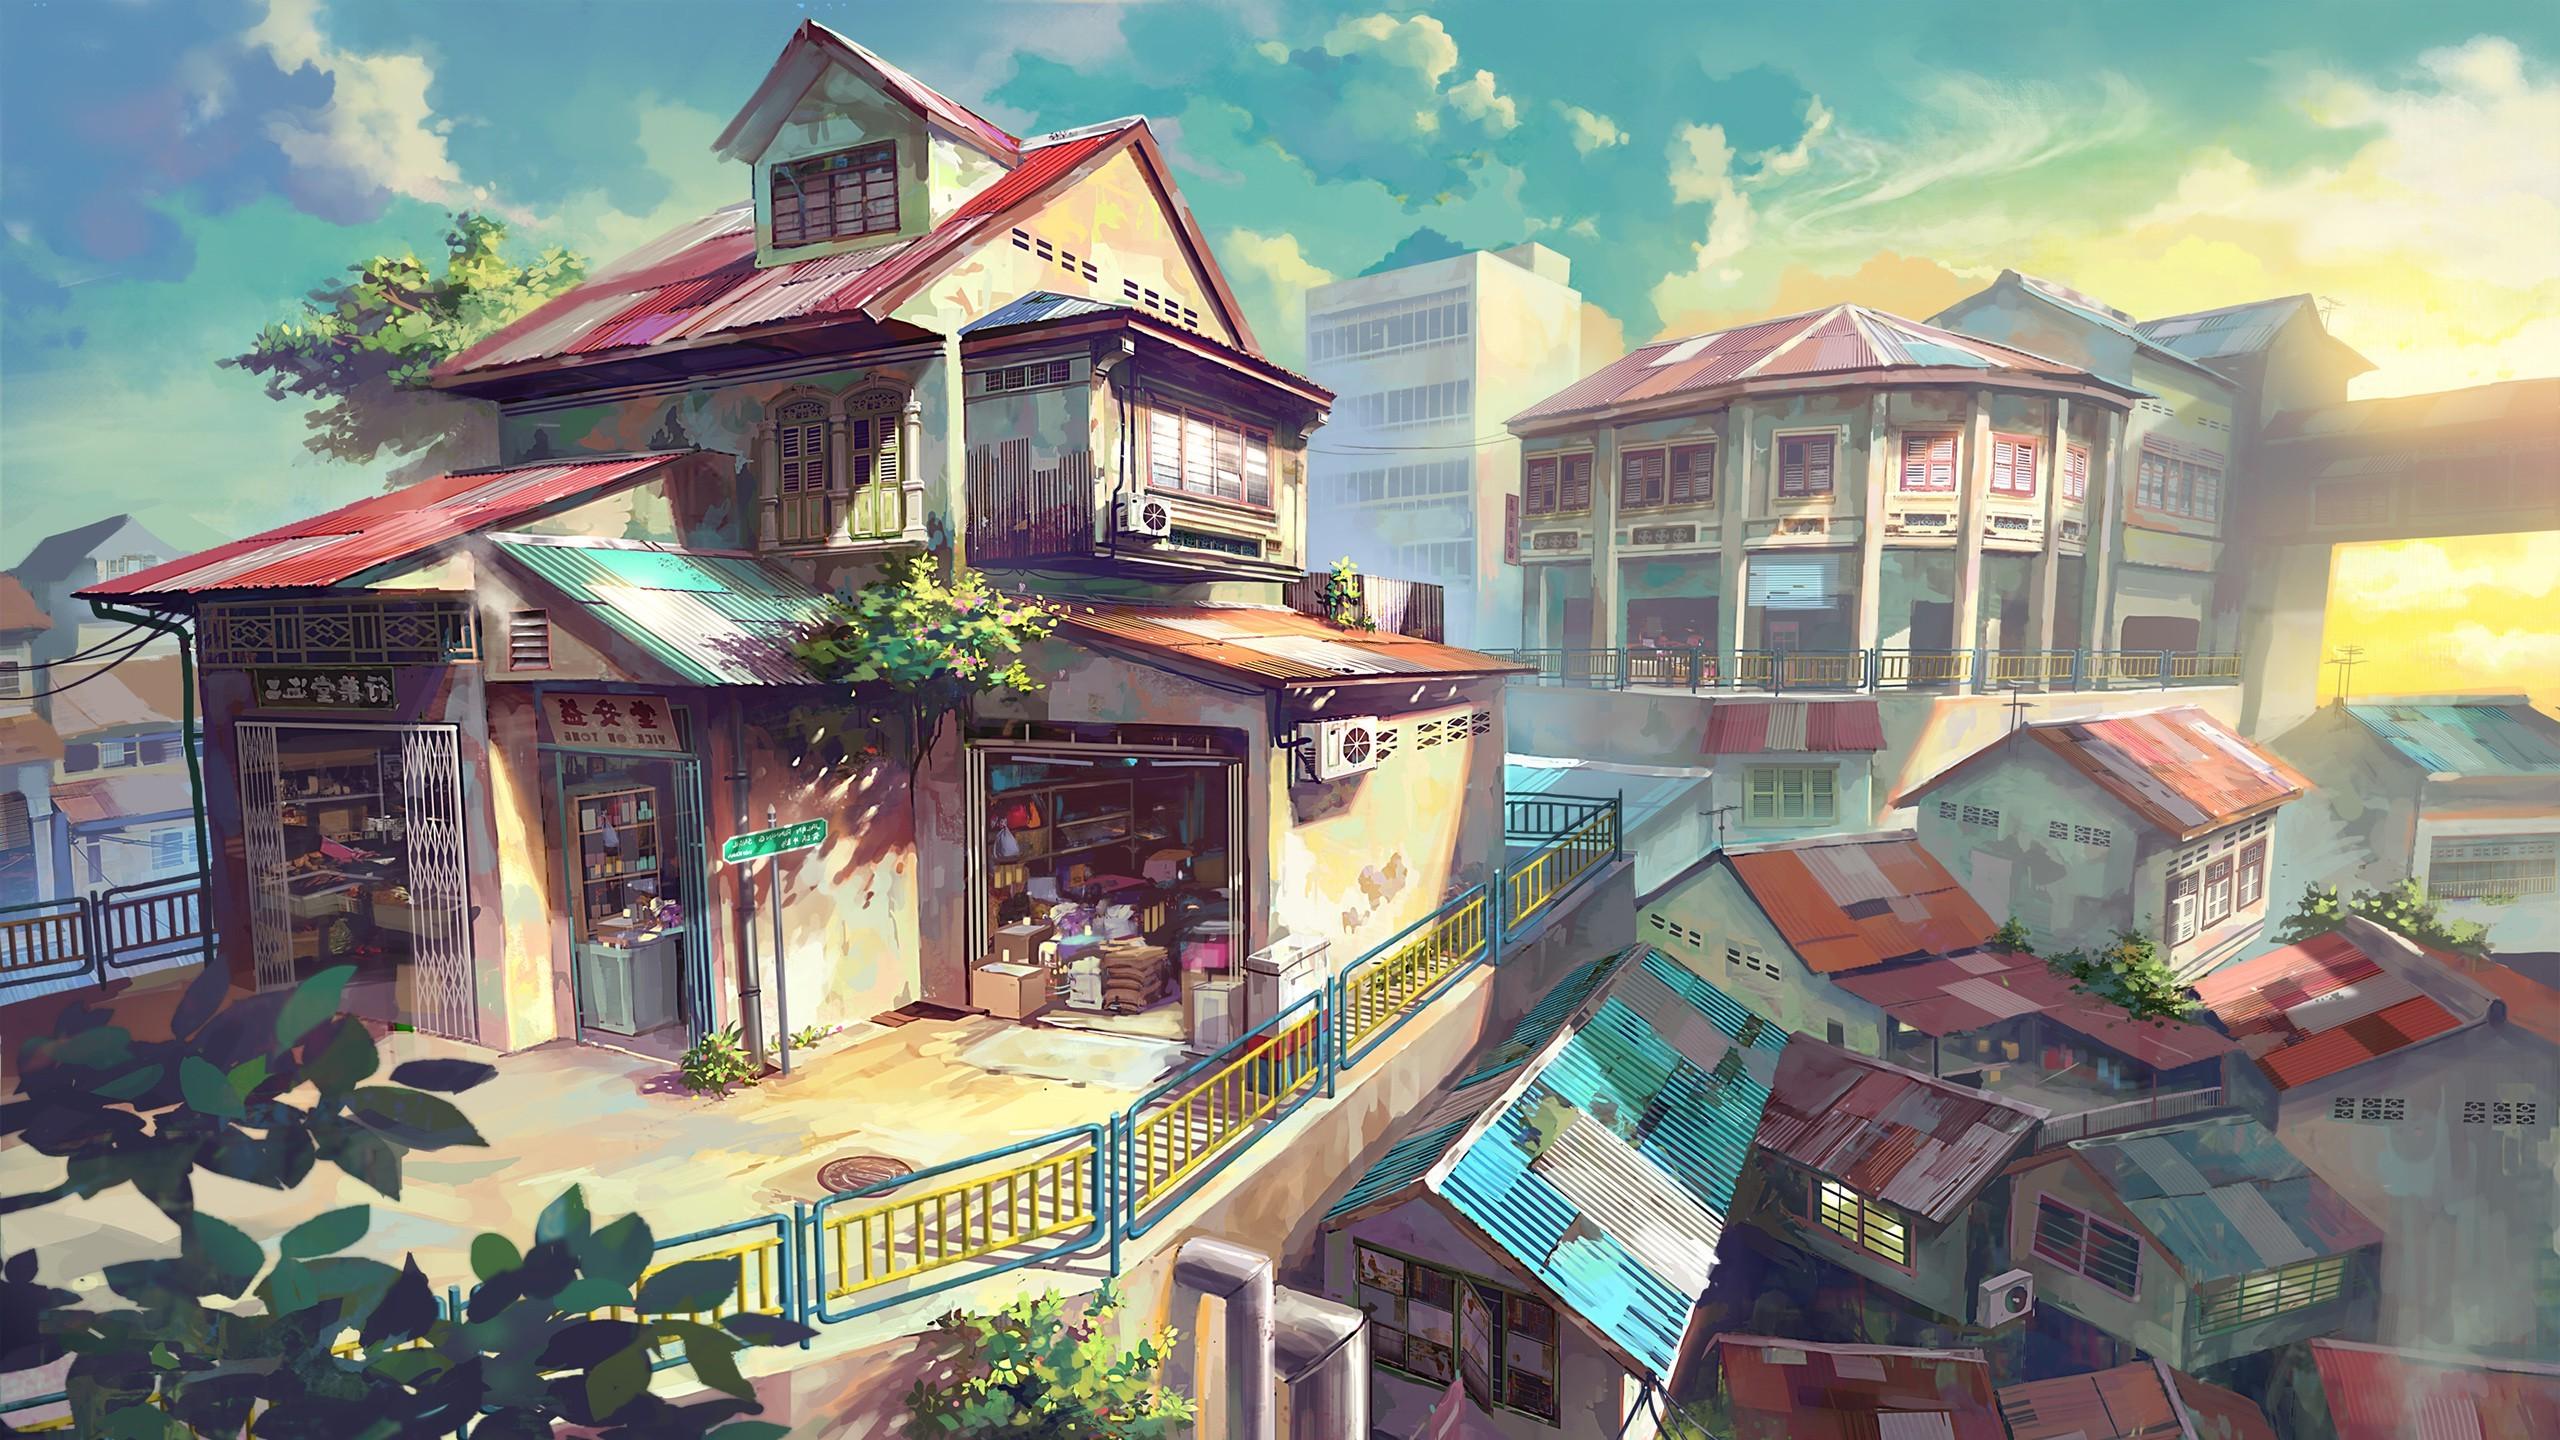 家壁紙アニメ 3d壁紙マレーシア 2560x1440 Wallpapertip